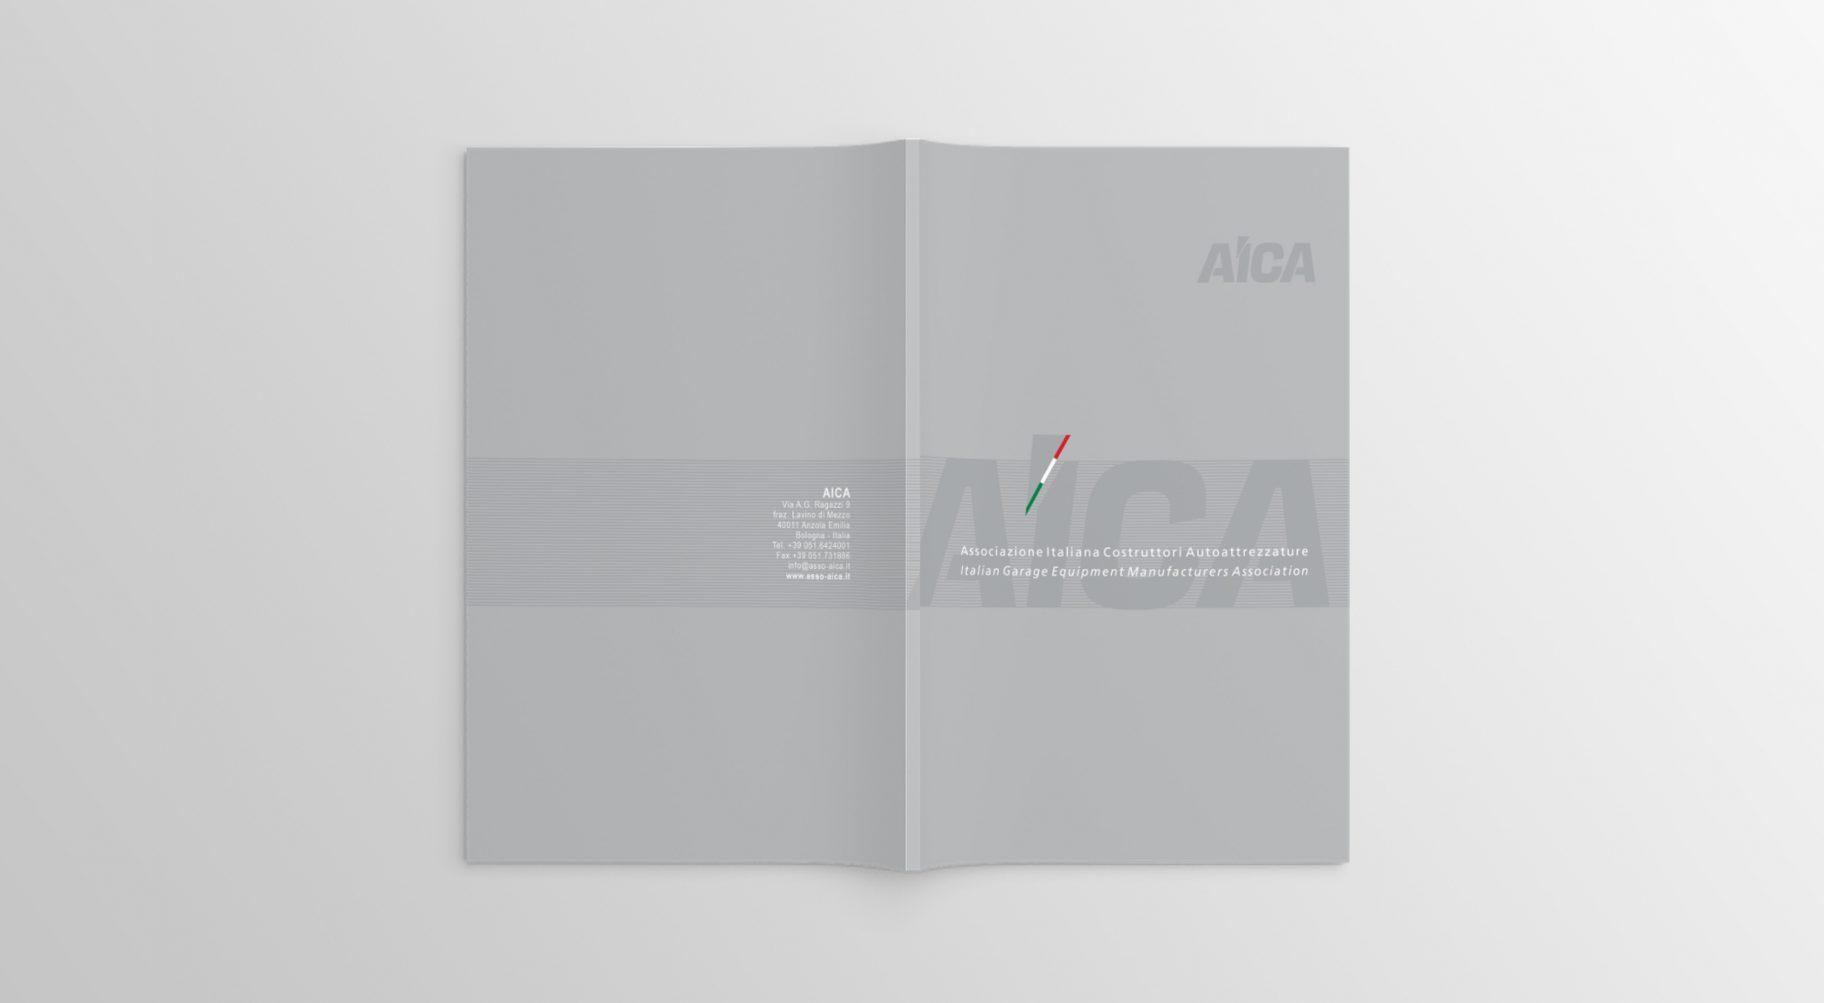 AICA 2013_Brochure-catalogo-copertina